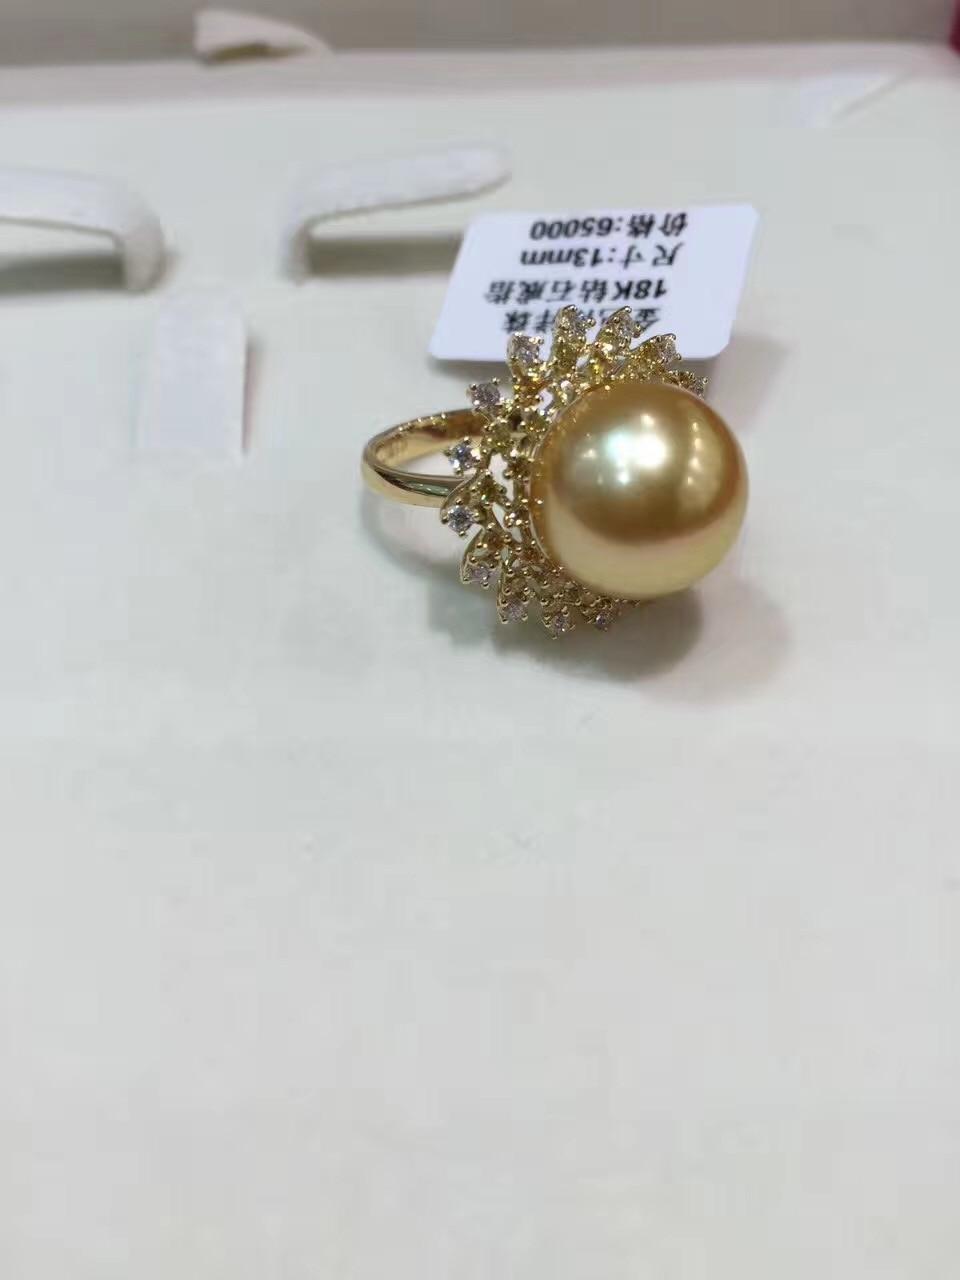 12-13MM φυσικό χρυσό δαχτυλίδι - Κοσμήματα - Φωτογραφία 4